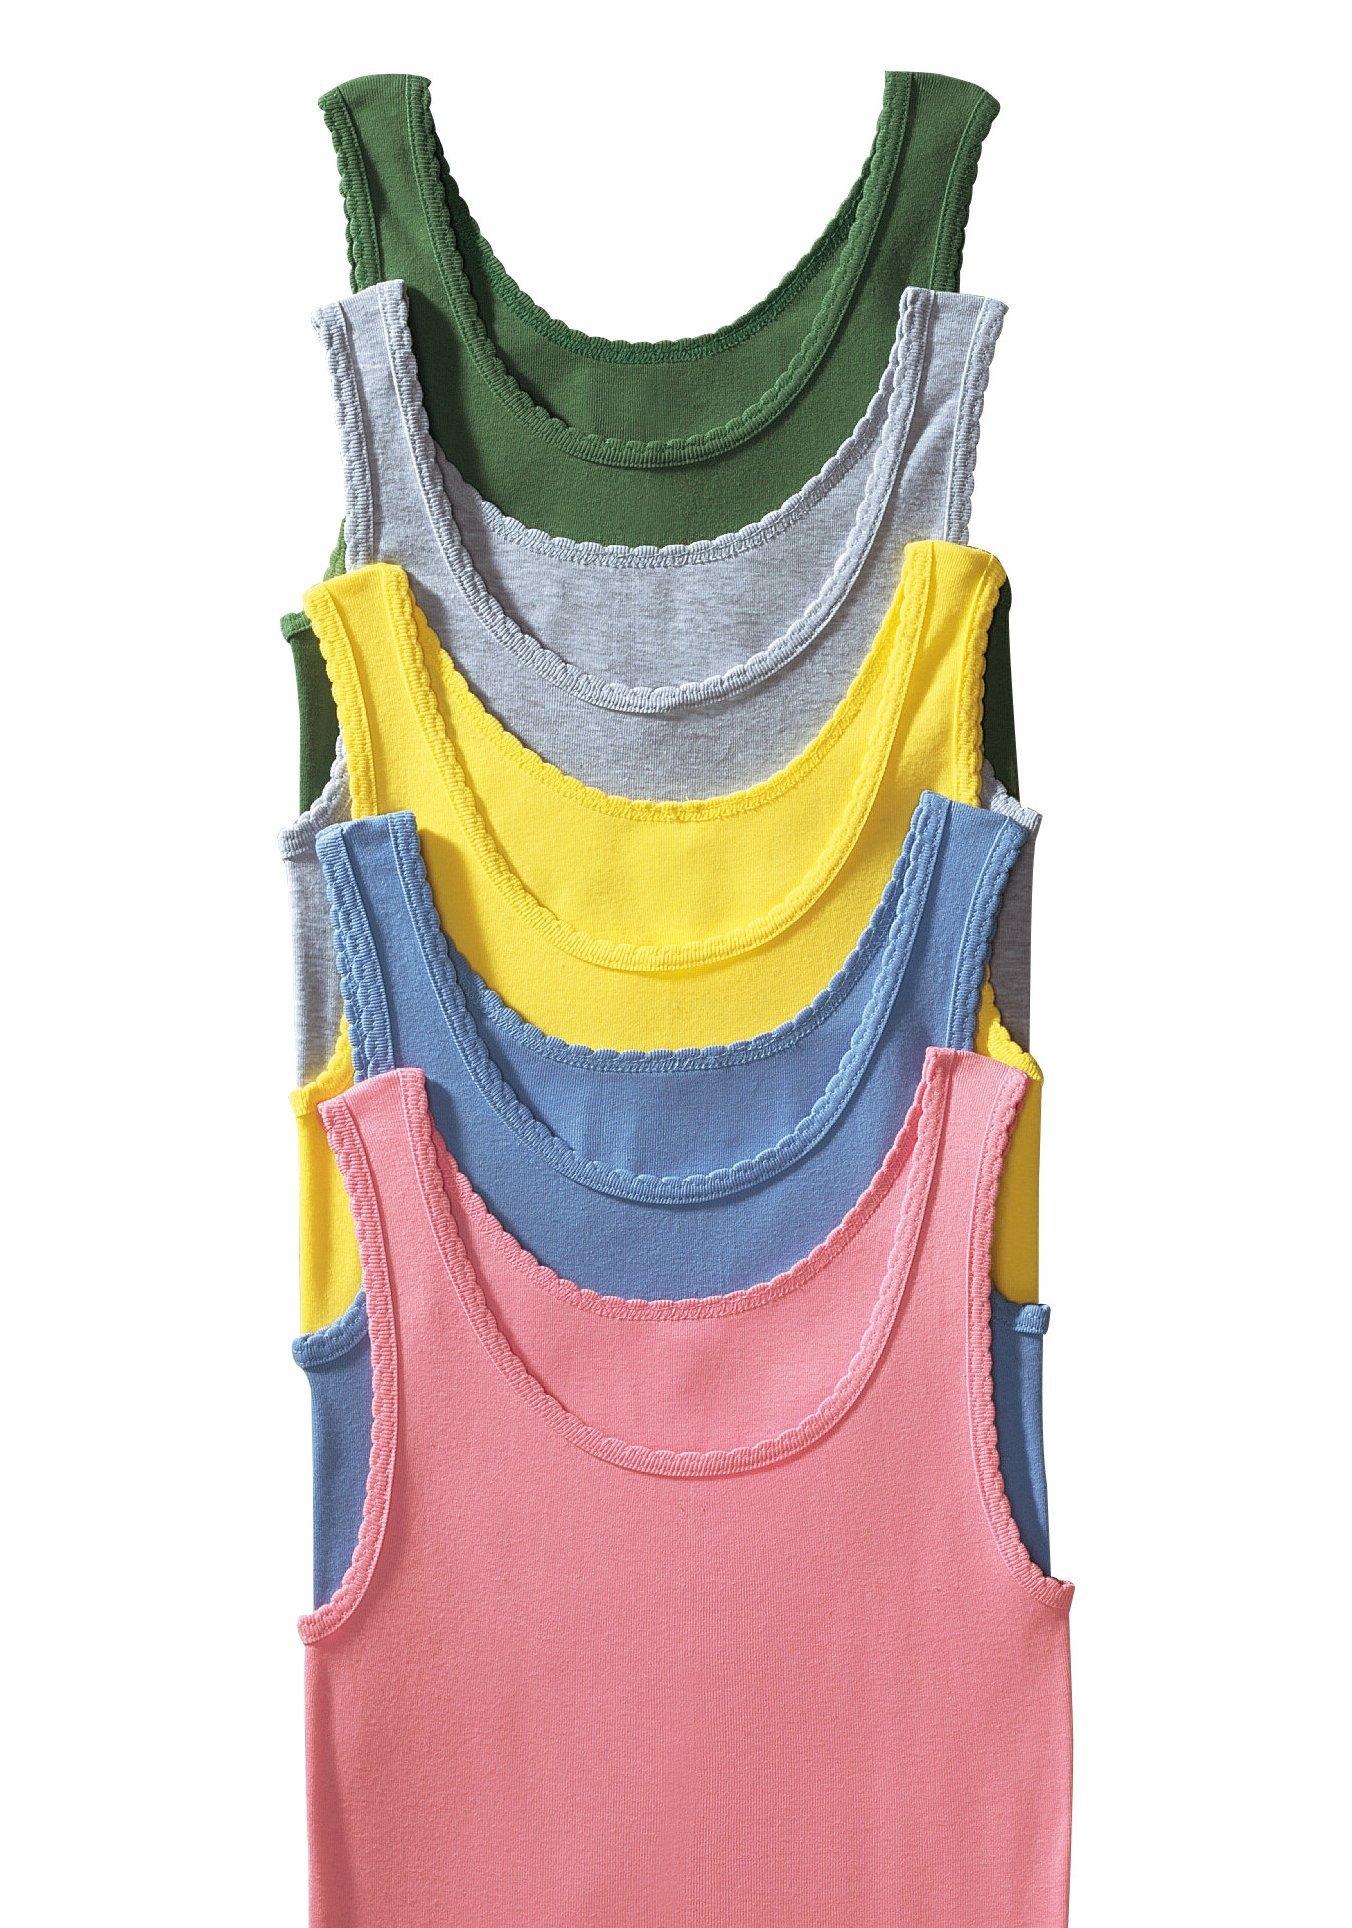 PETITE FLEUR dubbelrib-tanktophemd »Cotton made in Africa« (set van 5) bestellen: 14 dagen bedenktijd